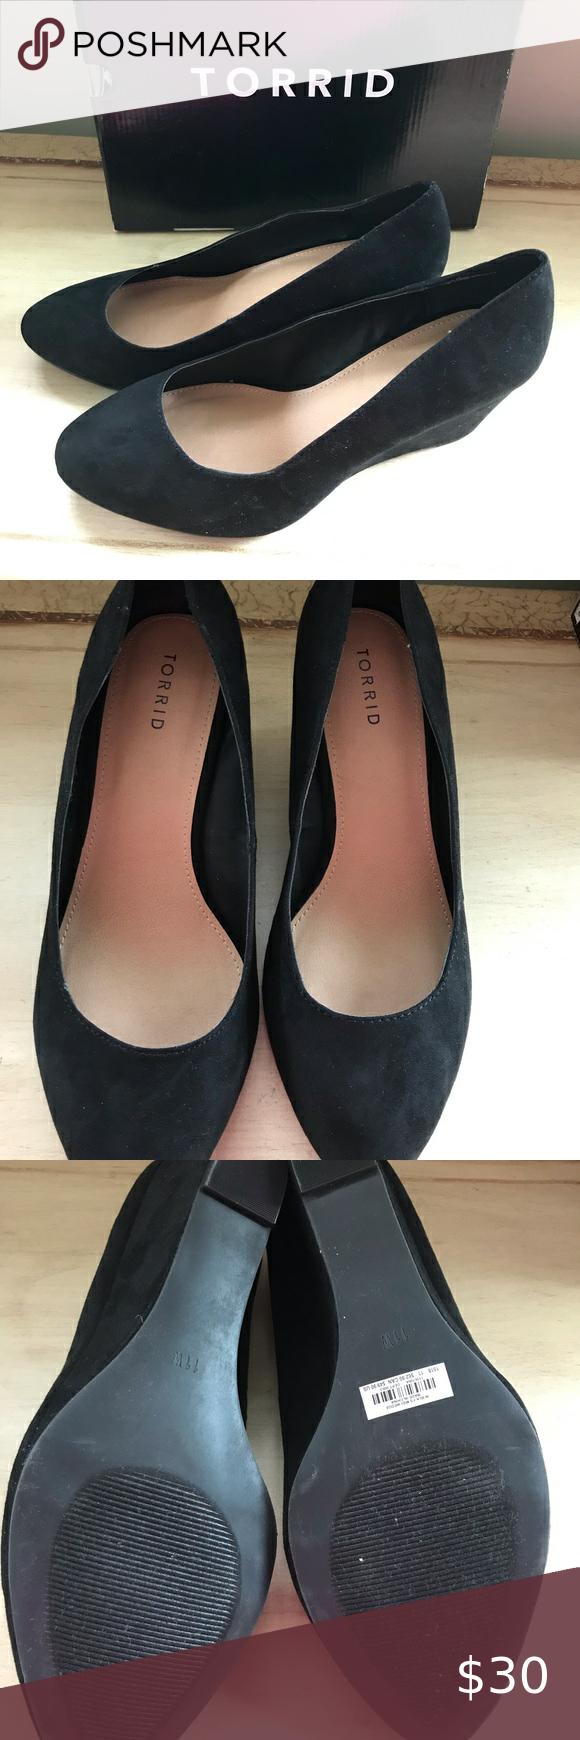 NWT Torrid Black Wedge Closed Toe Shoe